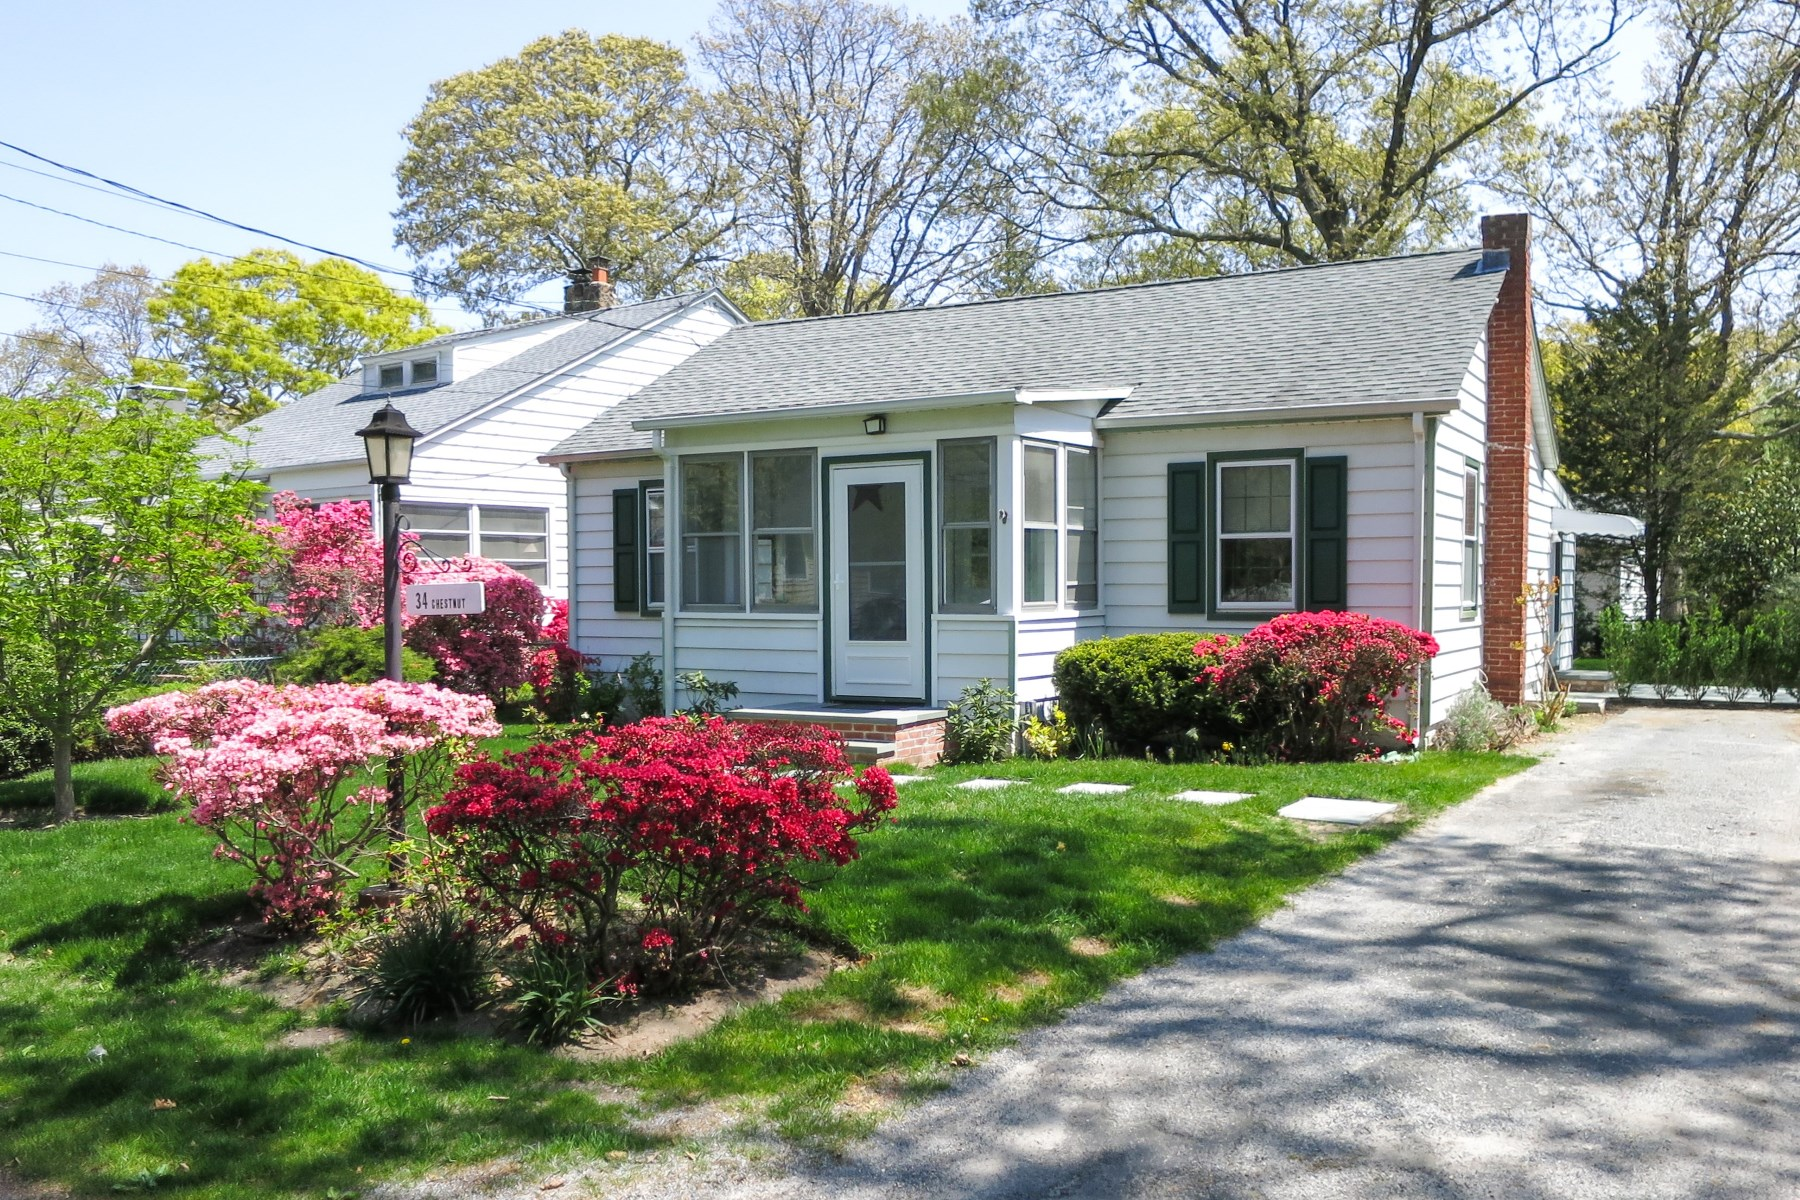 Частный односемейный дом для того Продажа на Renovated Noyac Cottage Near Bay Beaches 34 Chestnut Street Sag Harbor, Нью-Йорк, 11963 Соединенные Штаты